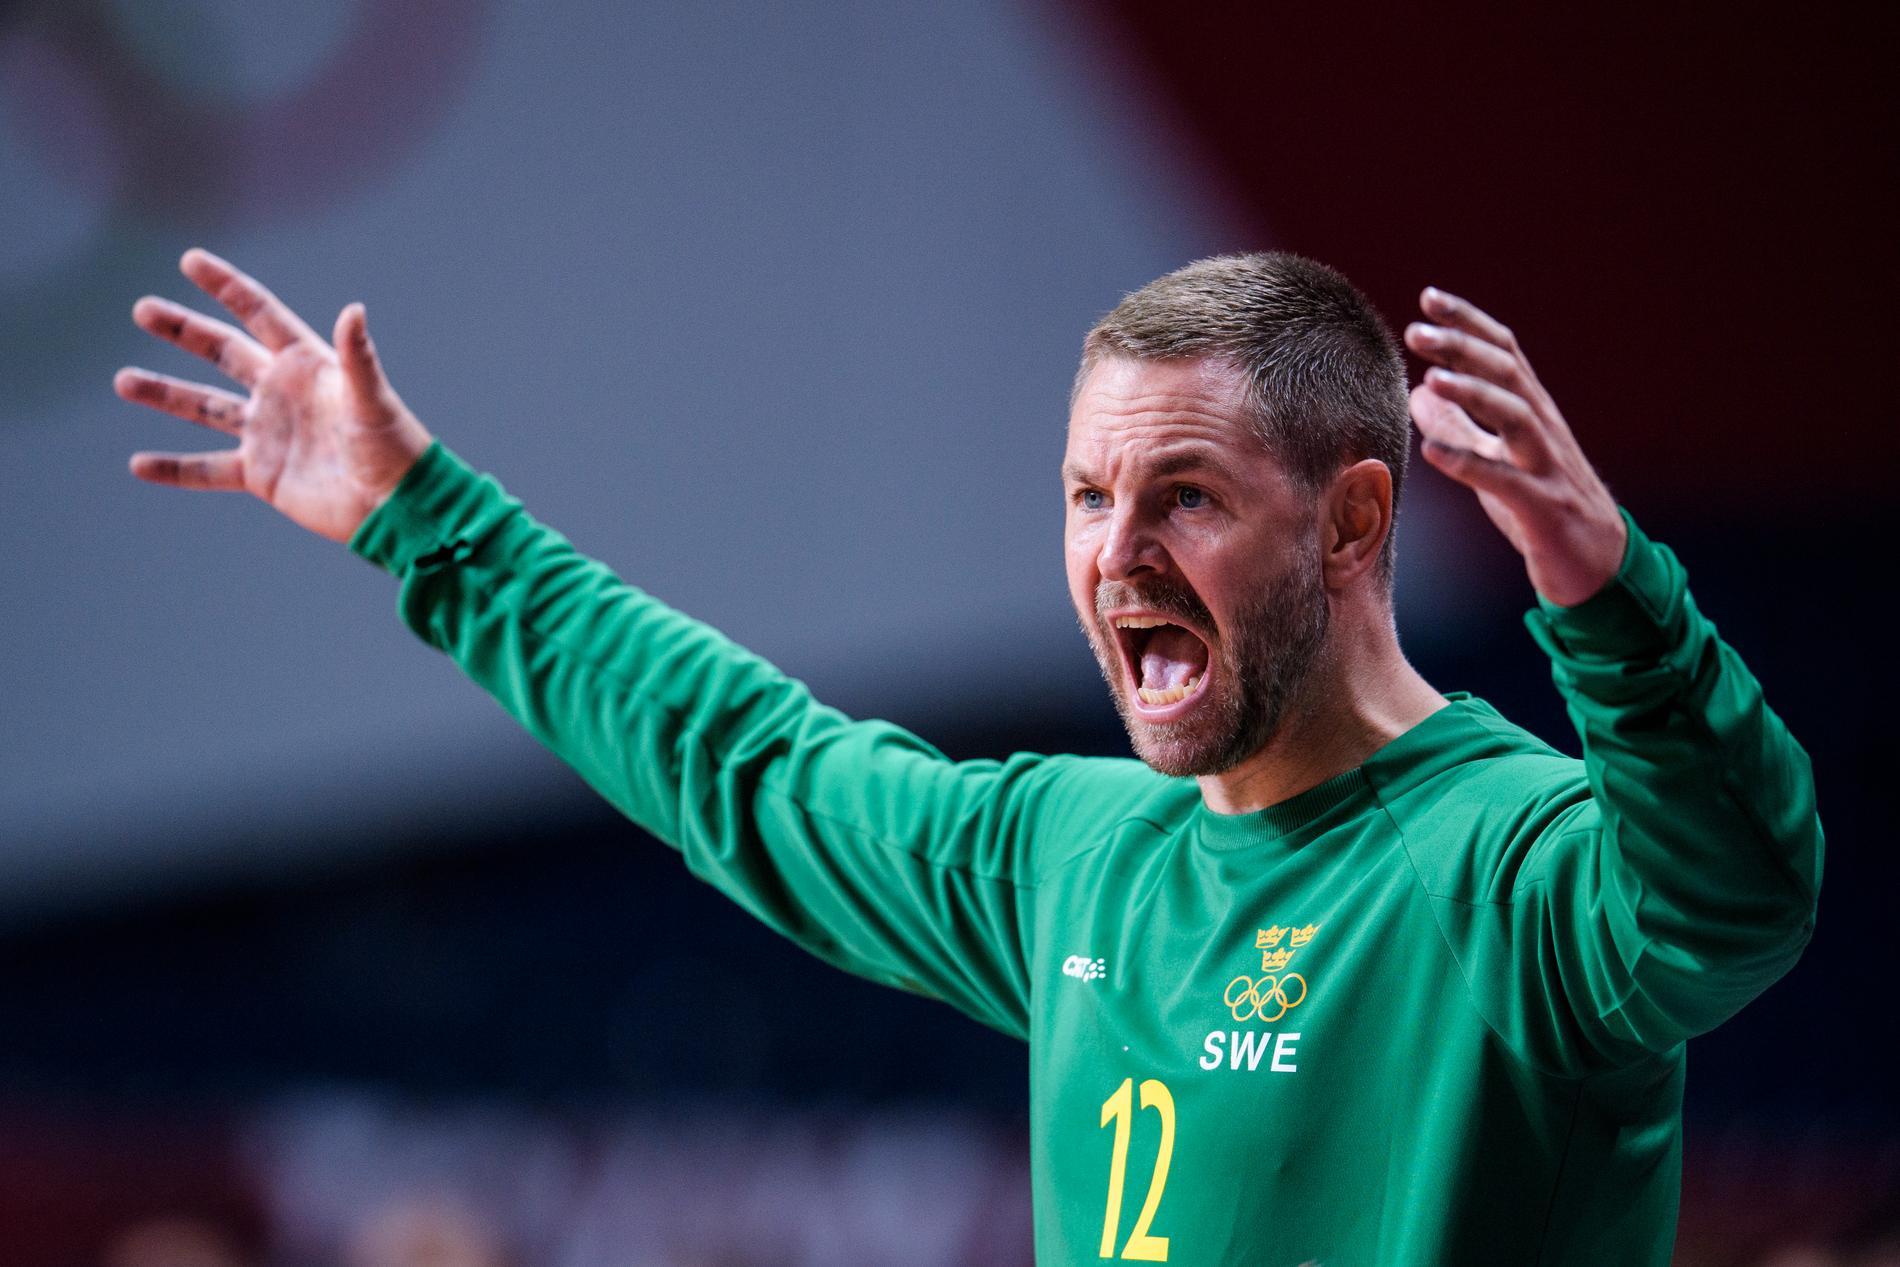 Andreas Palicka firar efter segern.